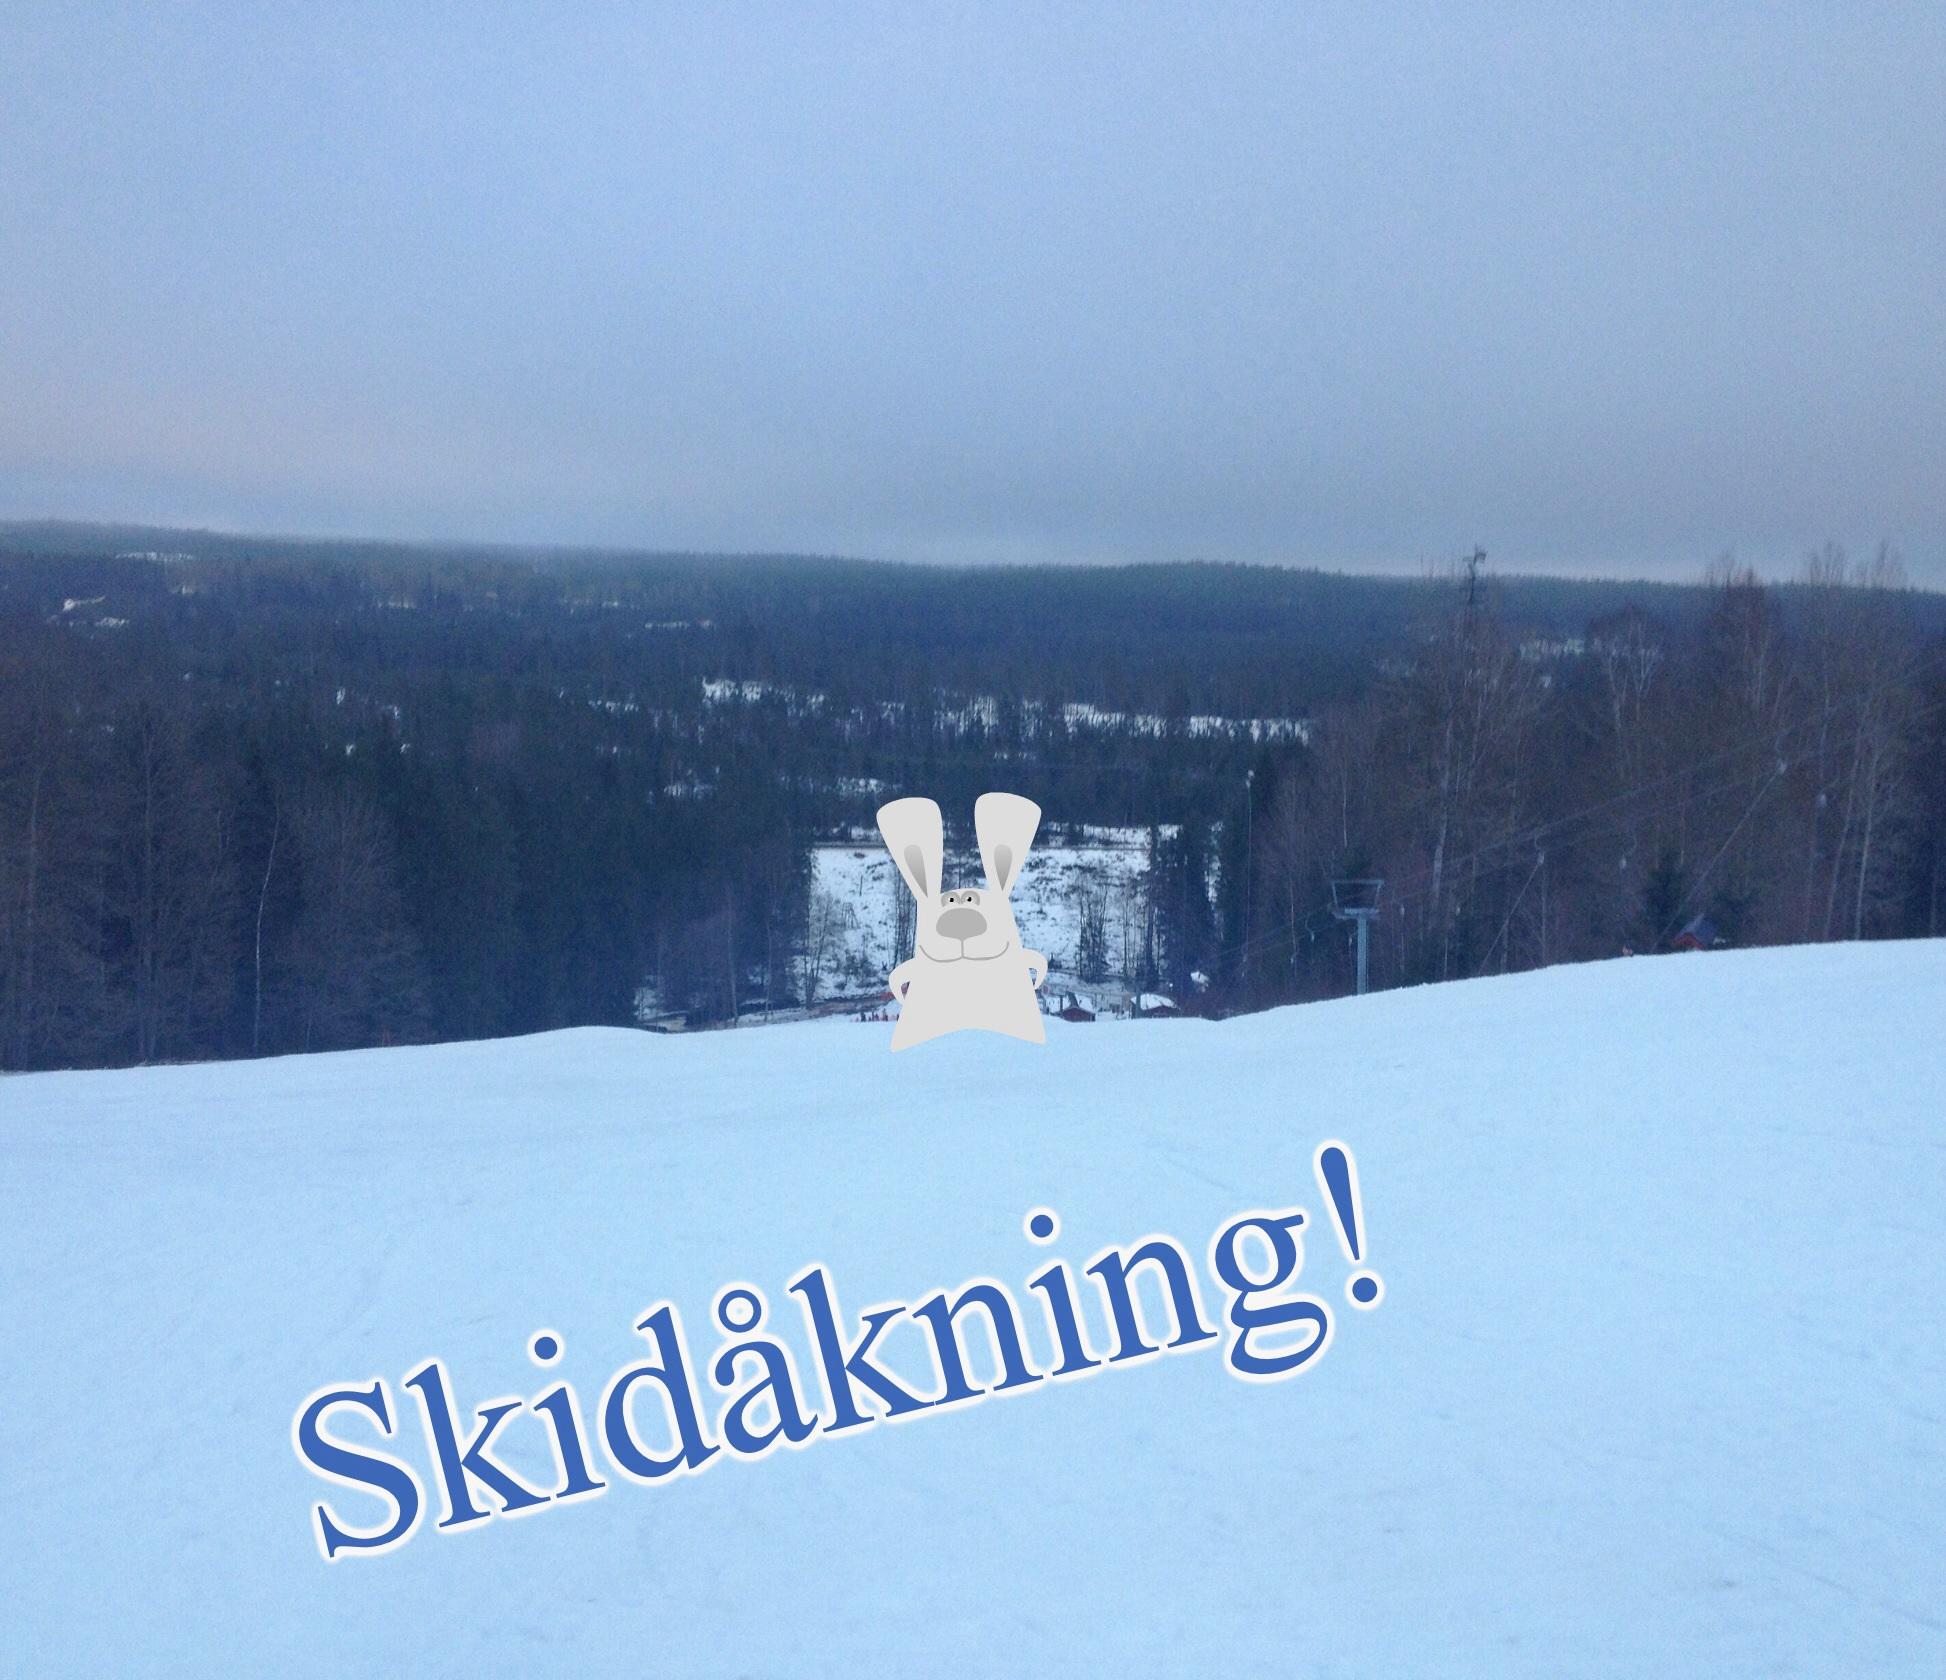 """Den här bilden är tagen från toppen av slalombacken, och jag hoppas ni ser hur brant den är! Längst ner står människor i kö till liften, och de syns knappt på fotot - men jag satte dit ett """"klistermärke"""" på en hare för säkerhets skull. :)"""